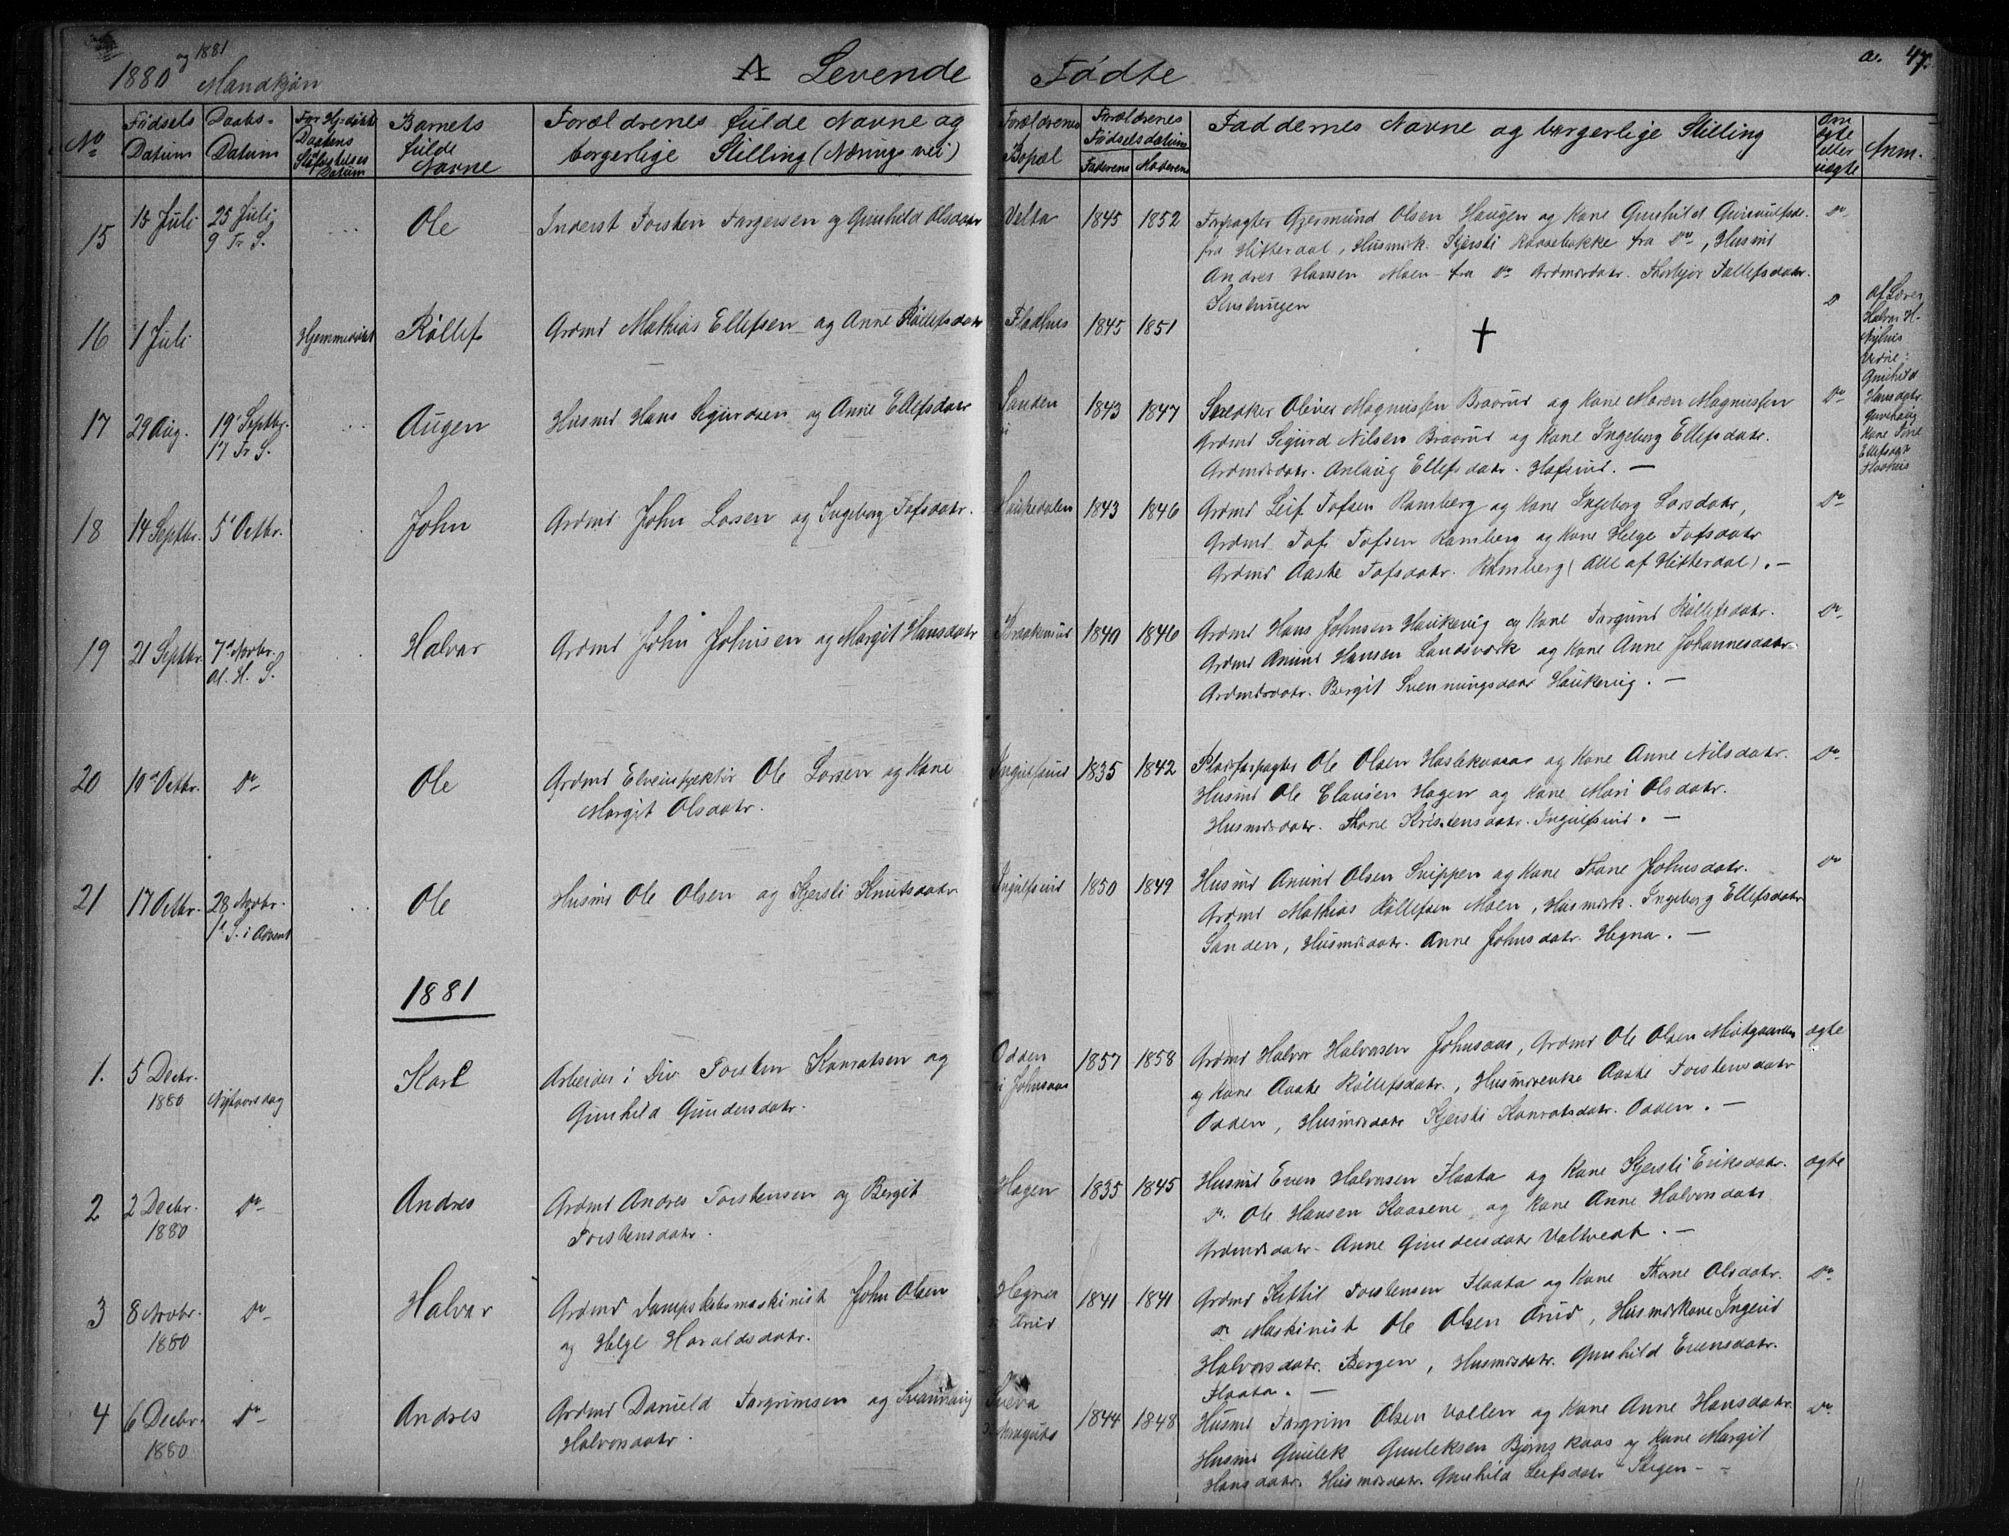 SAKO, Sauherad kirkebøker, G/Ga/L0003: Klokkerbok nr. I 3, 1866-1905, s. 47